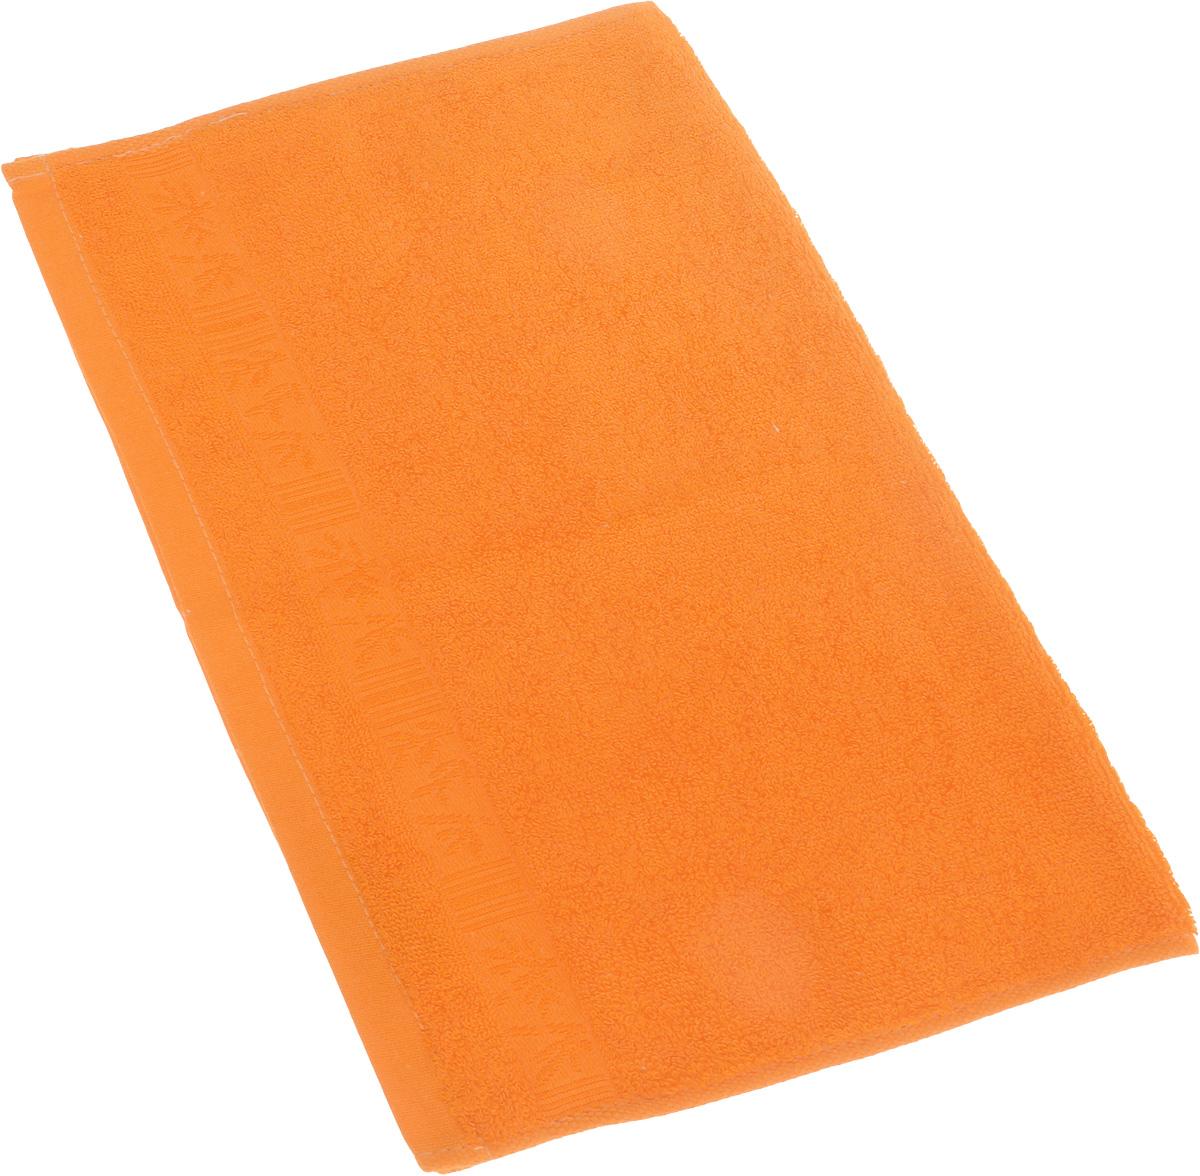 Полотенце Soavita Sofia, цвет: оранжевый, 30 х 50 см69520Полотенце Soavita Sofia выполнено из 100% бамбукового волокна. Изделие отлично впитывает влагу, быстро сохнет, сохраняет яркость цвета и не теряет форму даже после многократных стирок. Полотенце очень практично и неприхотливо в уходе. Оно создаст прекрасное настроение и украсит интерьер в ванной комнате.